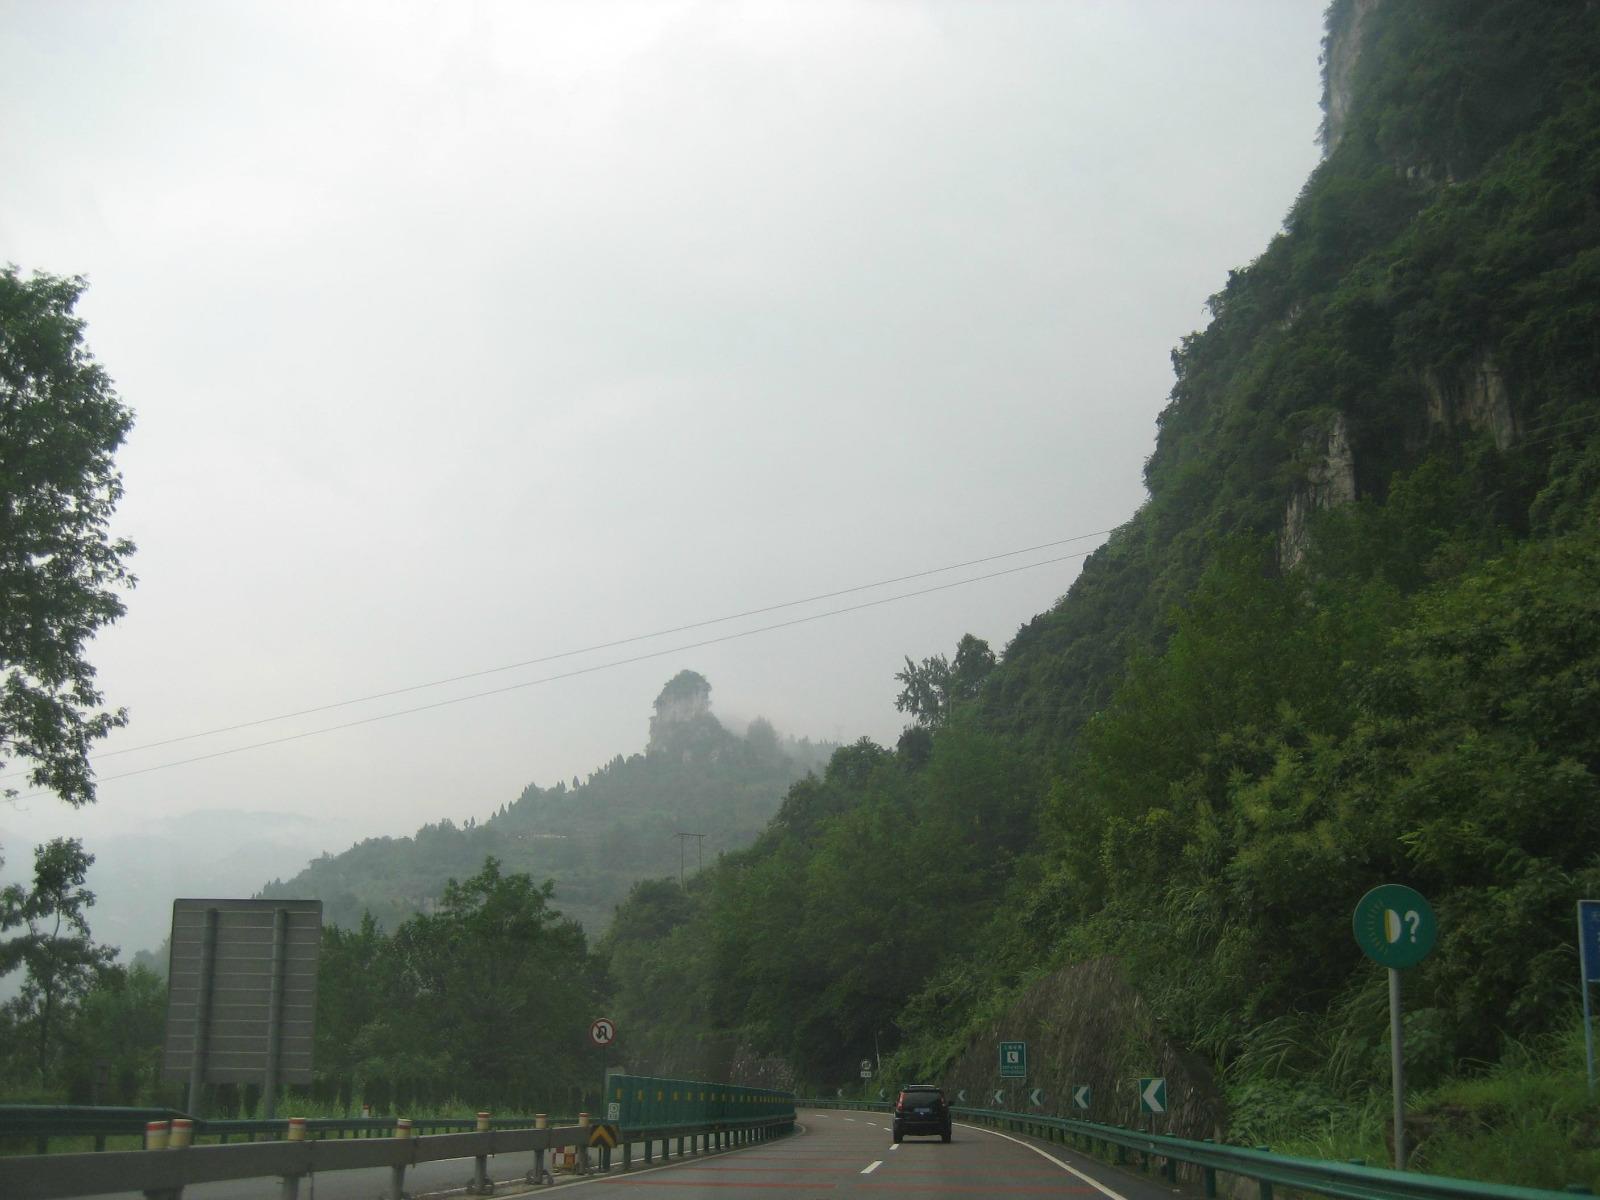 2019三峡大坝旅游区游玩攻略,是游玩三峡工程观赏歙县攻略图片